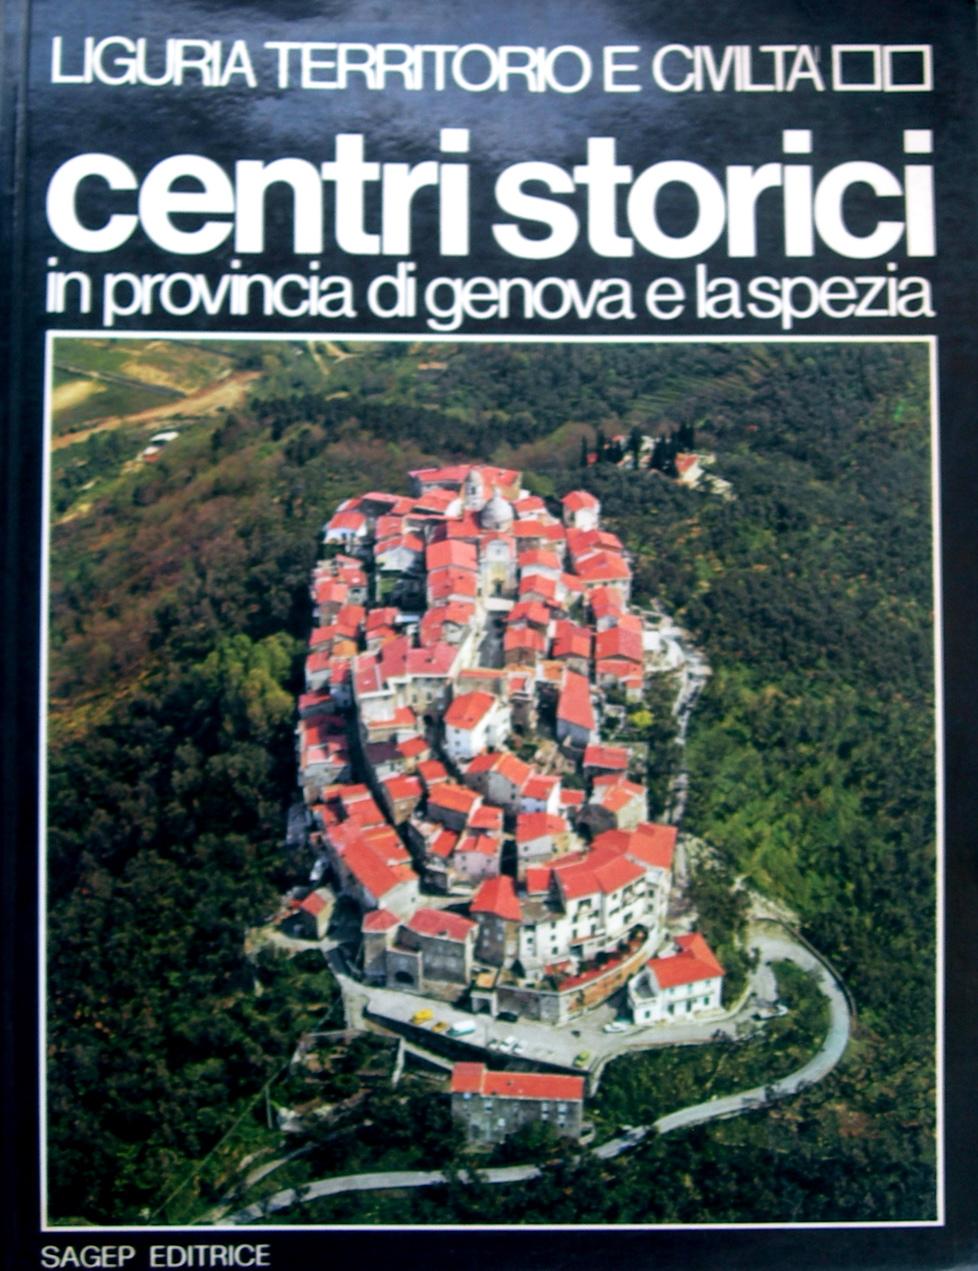 Centri storici in provincia di Genova e La Spezia